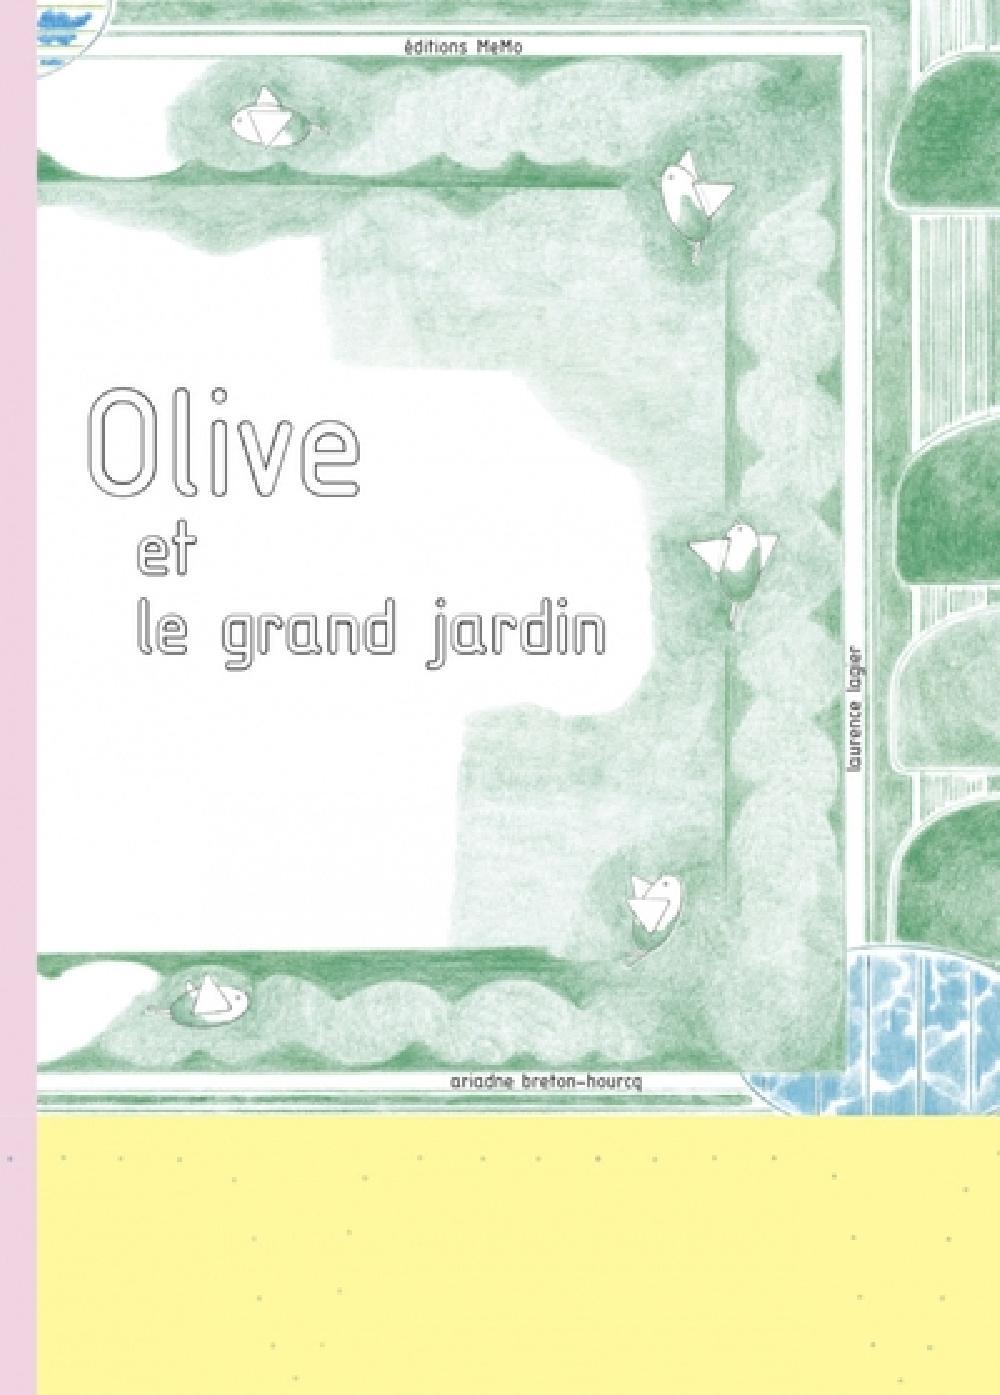 Olive et le grand jardin